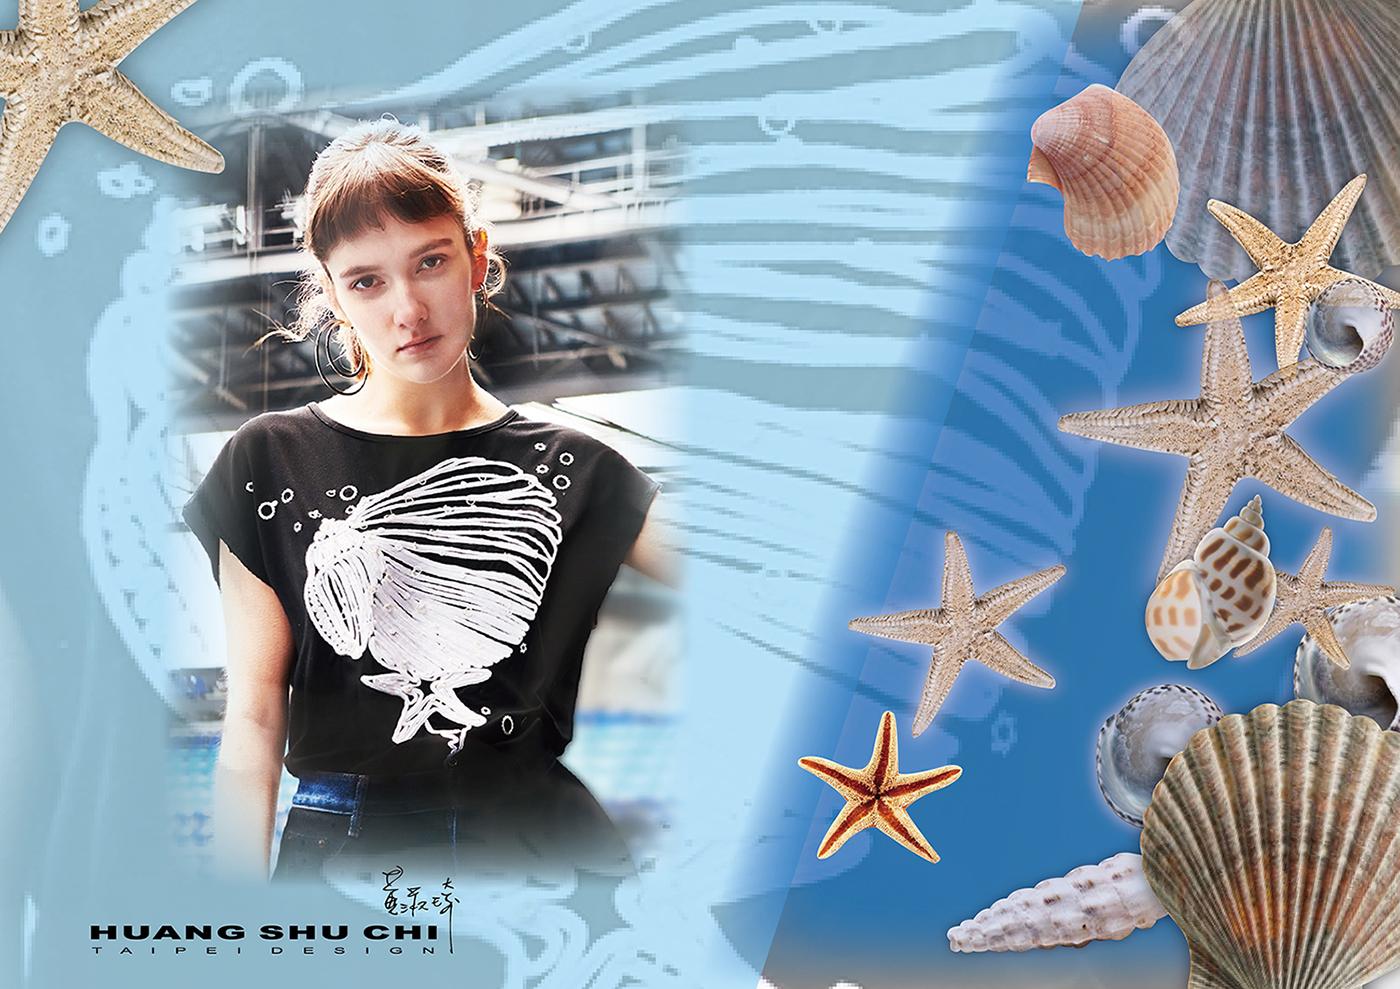 年中慶活動開跑  海洋白日夢 | 精選T恤系列 3880元